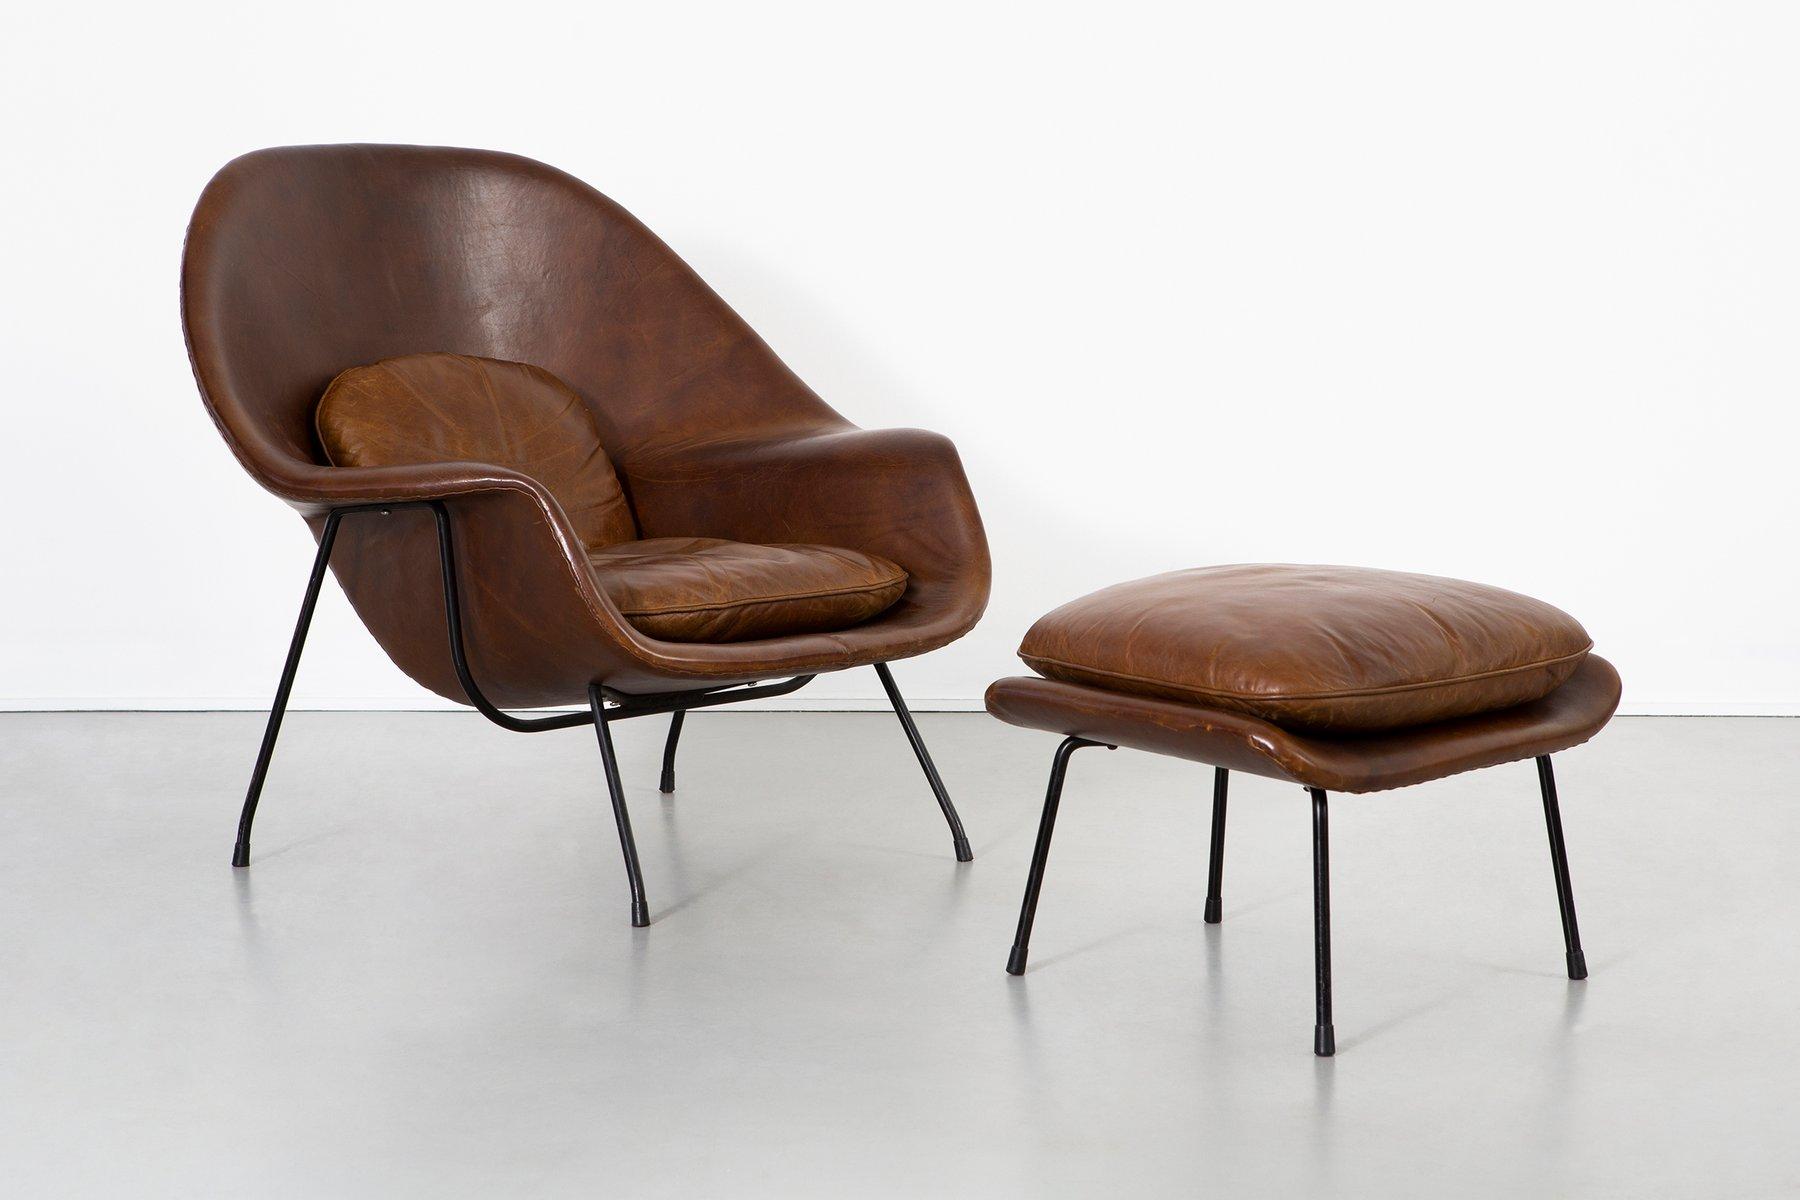 Womb Chair & Fußhocker von Eero Saarinen für Knoll Inc, 1960er